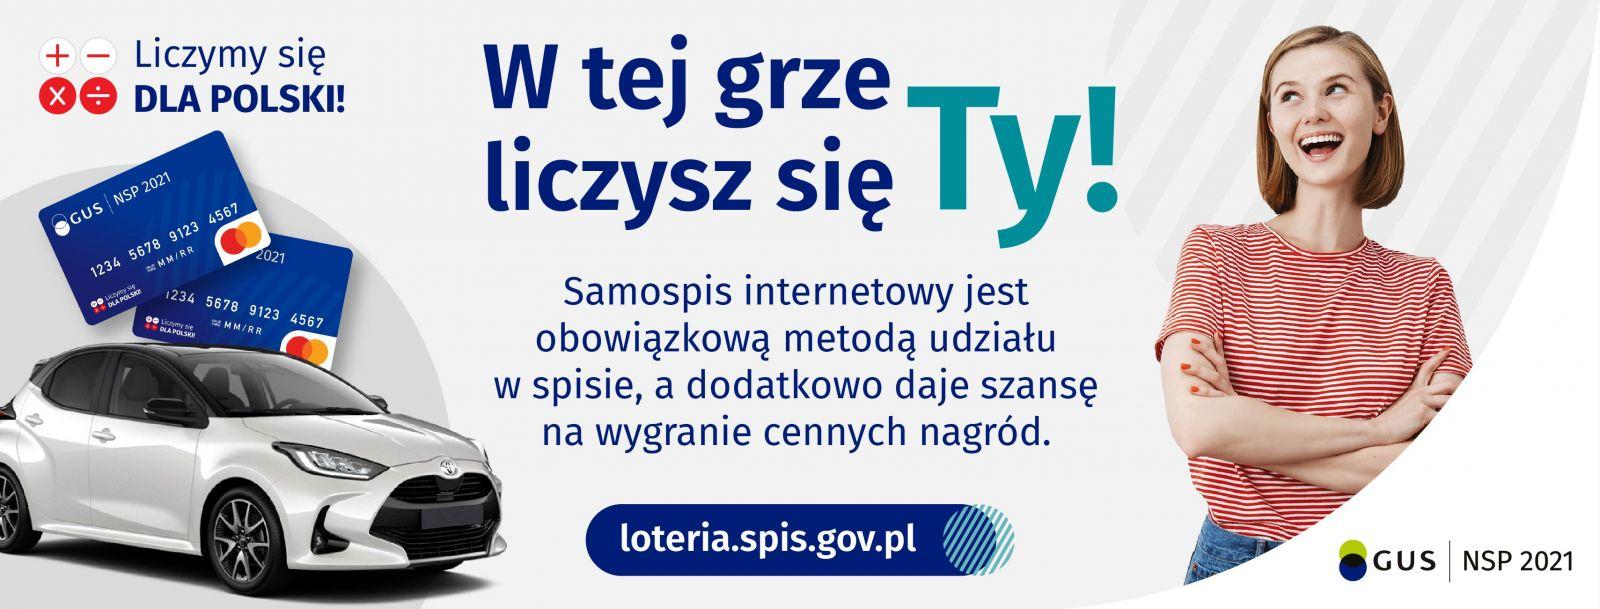 W tej grze liczysz sięTY. Samospis internetowy jest obowiązkową metodą udziału w spisie a dodatkowow daje szansę na wygranie cennych nagród. www.loteria.spis.gov.pl